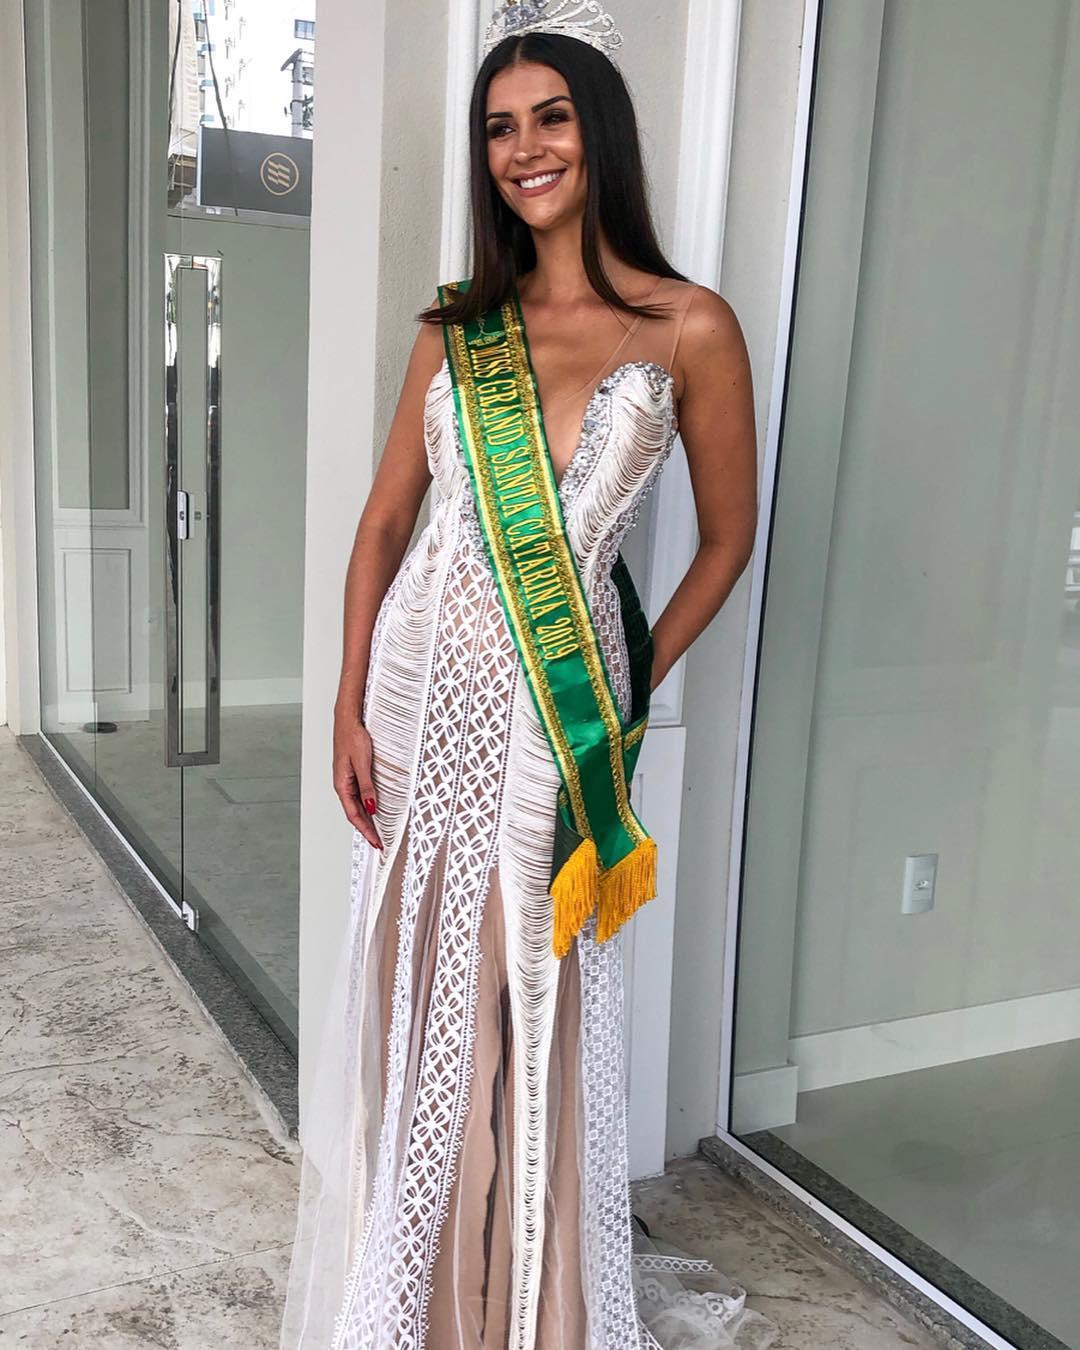 thylara brenner, miss brasil continentes unidos 2019. - Página 3 47689916